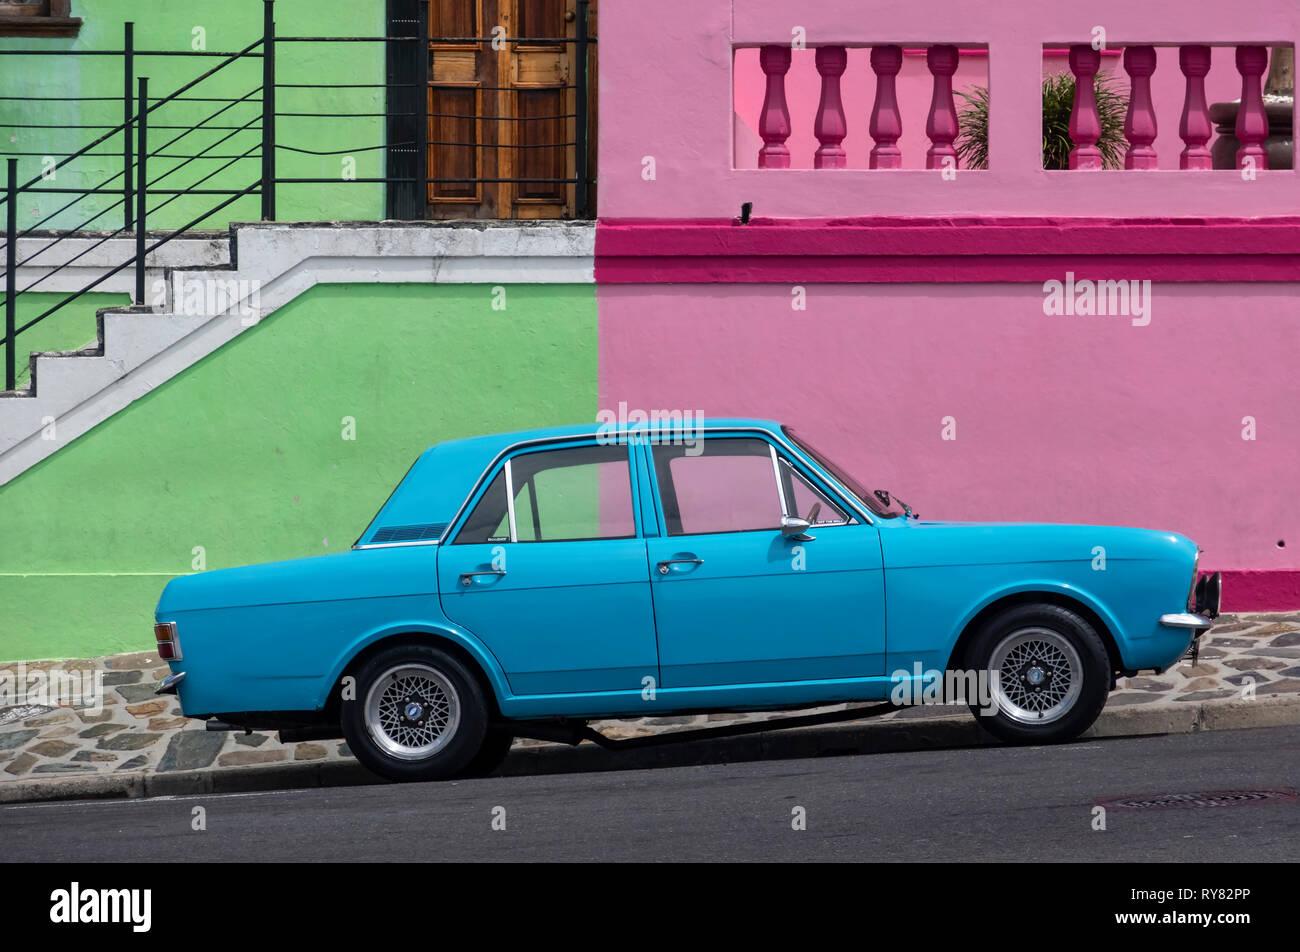 Ancien Bleu Ford Cortina voiture en face des maisons colorées de Bo Kaap, Cape Town, Western Cape, Afrique du Sud Banque D'Images